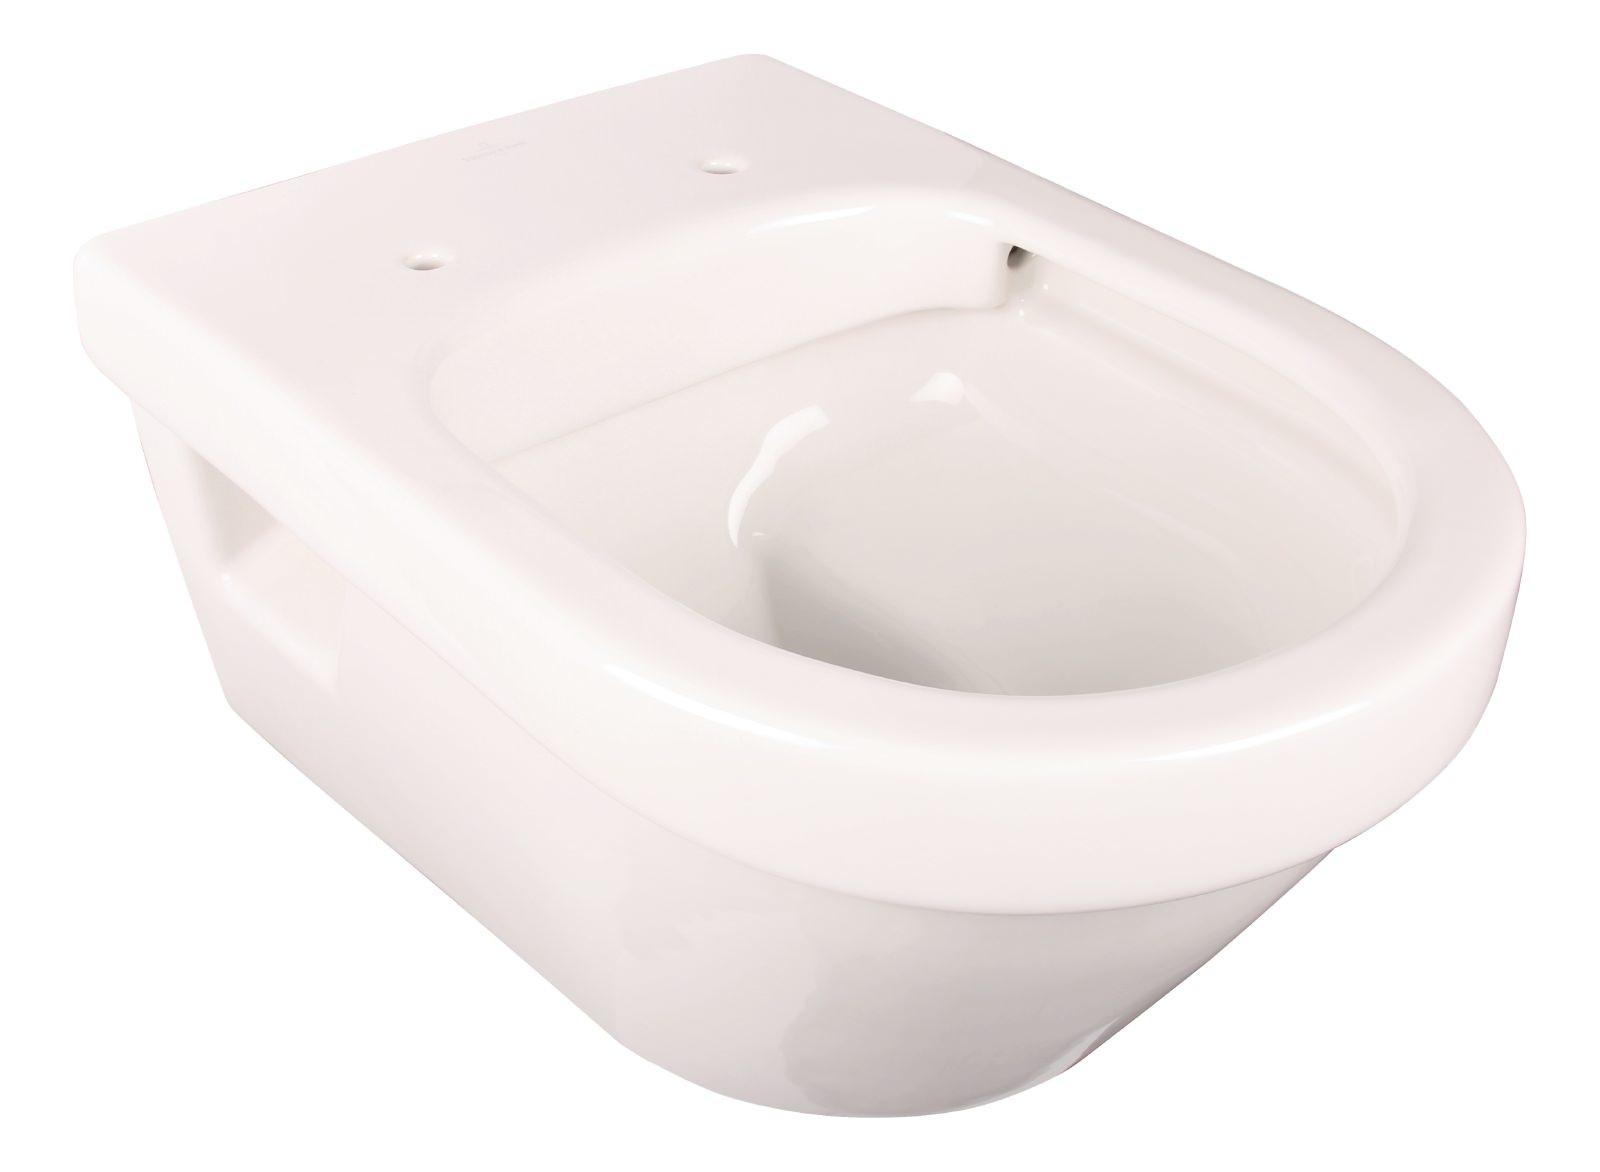 Häufig Spülrandlose Toilette Architectura, Villeroy & Boch | Calmwaters MI68